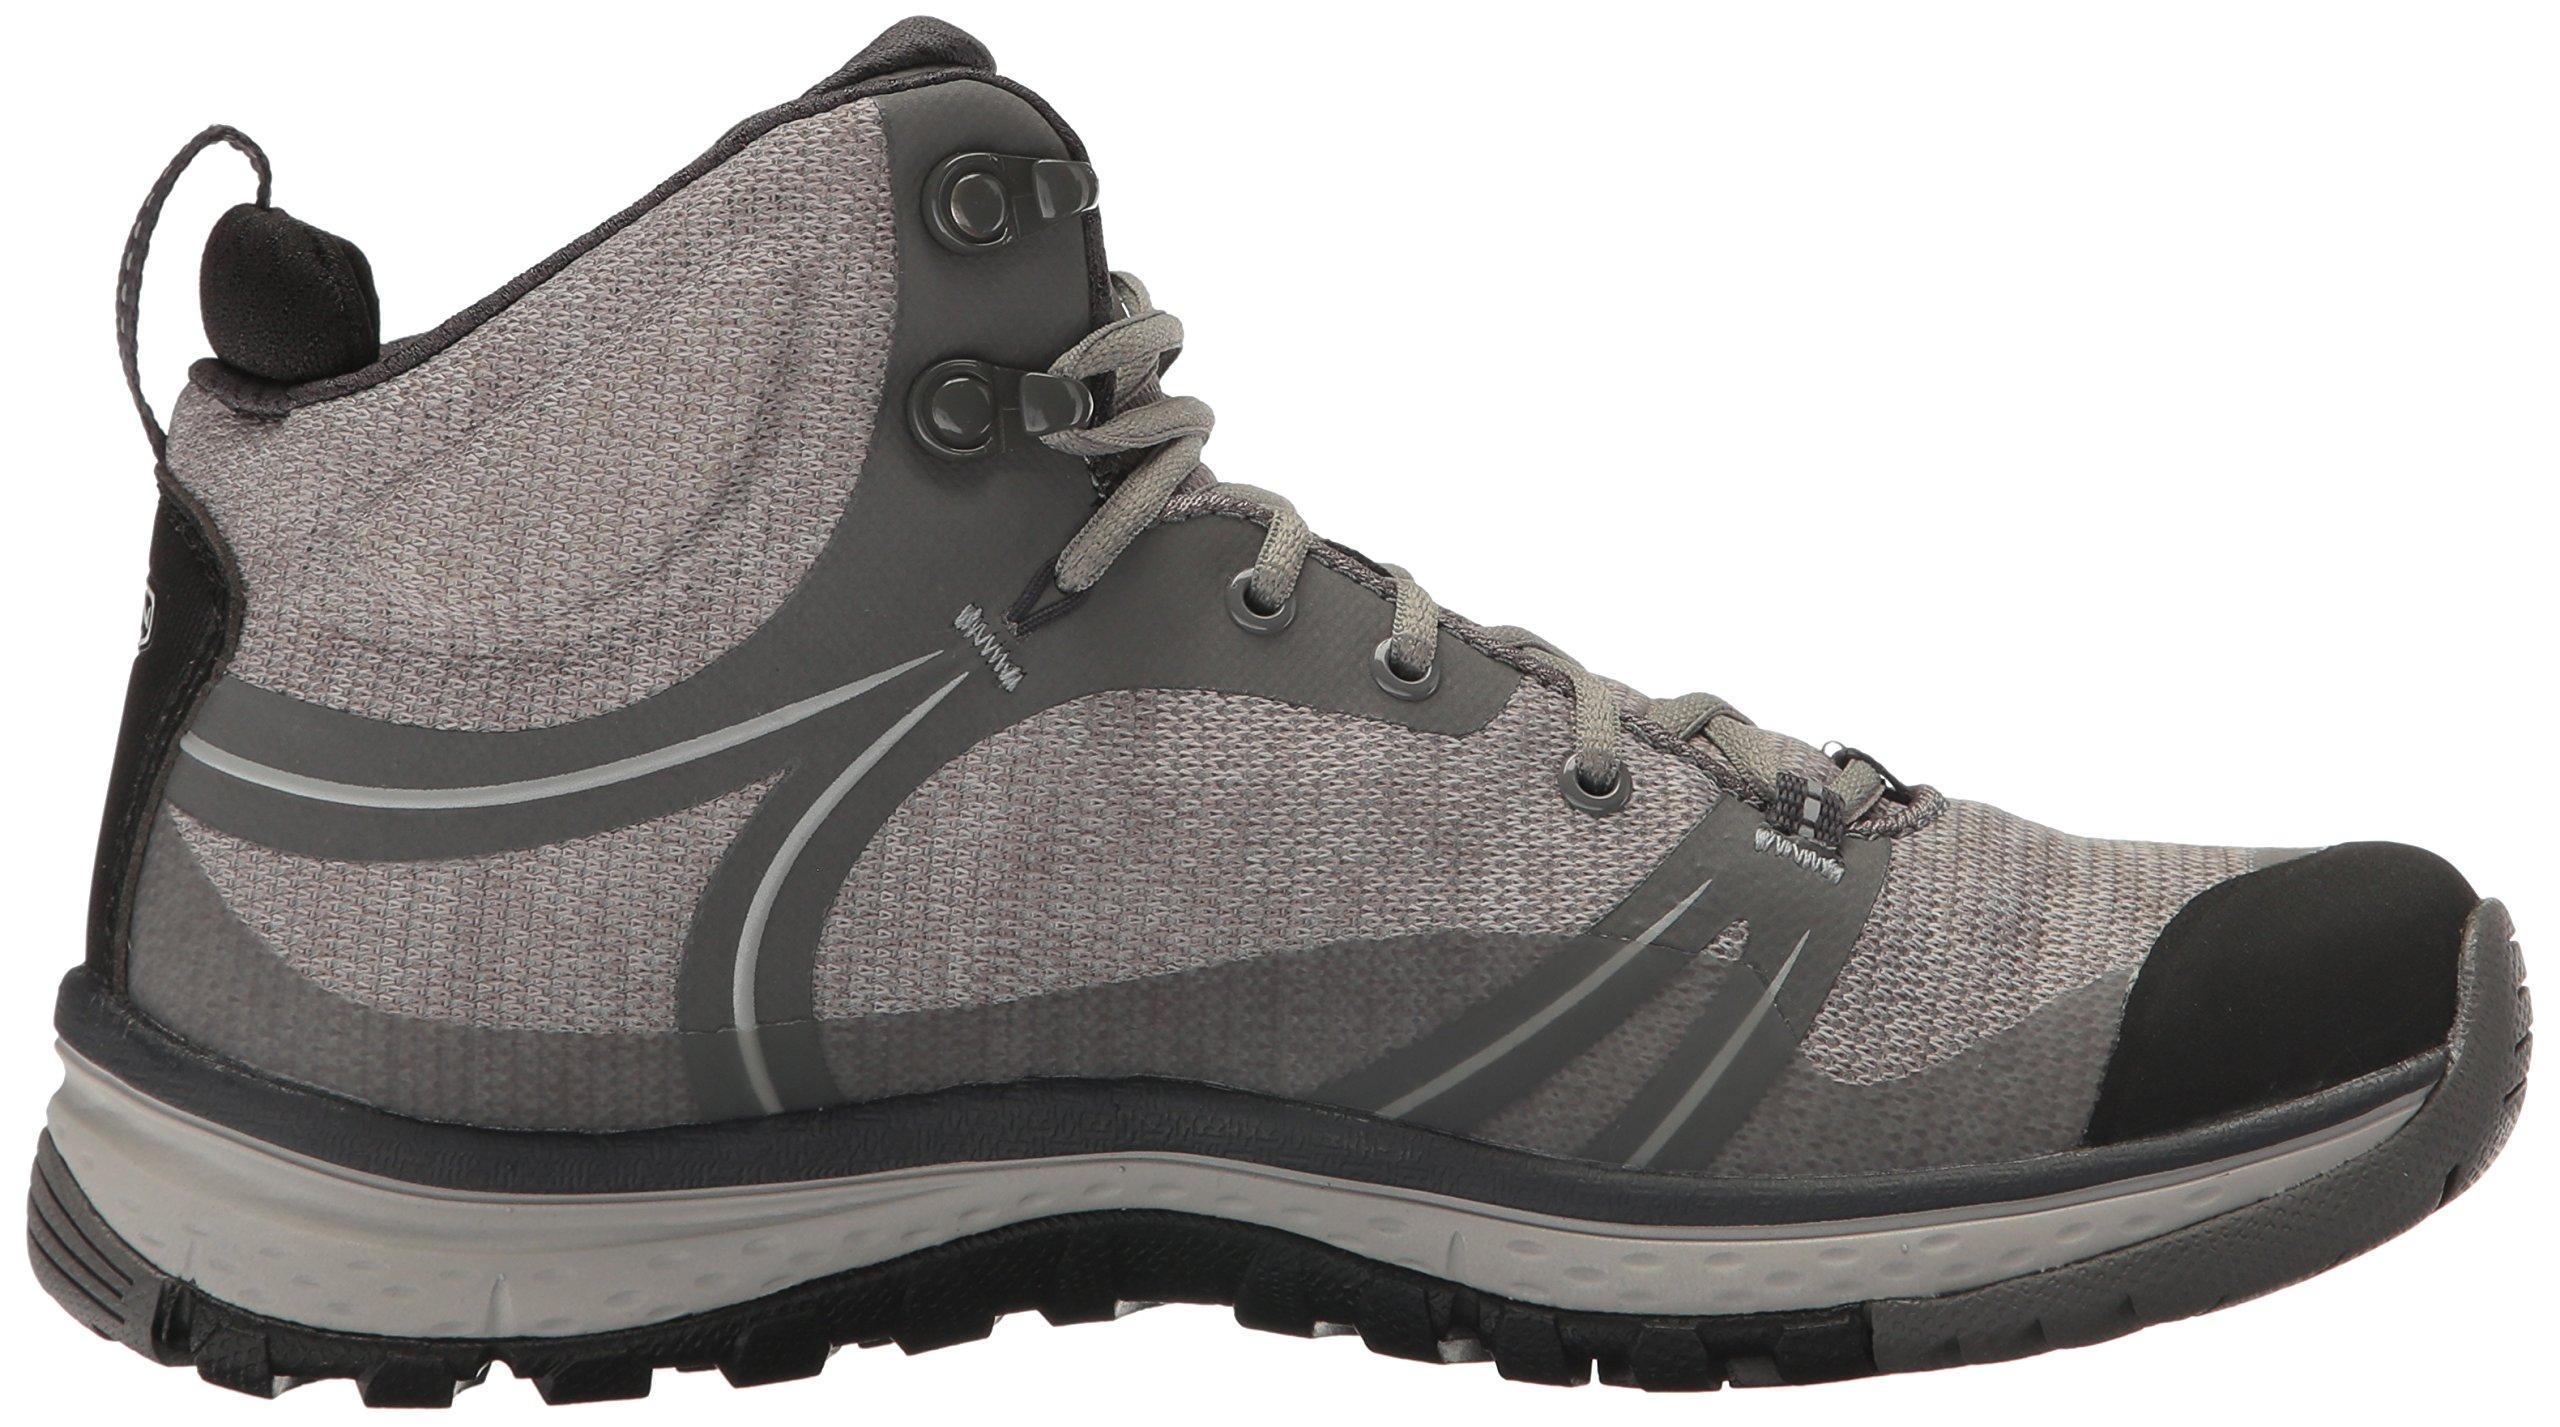 KEEN Women's Terradora Mid Waterproof Hiking Shoe, Gargoyle/Magnet, 9 M US by KEEN (Image #7)